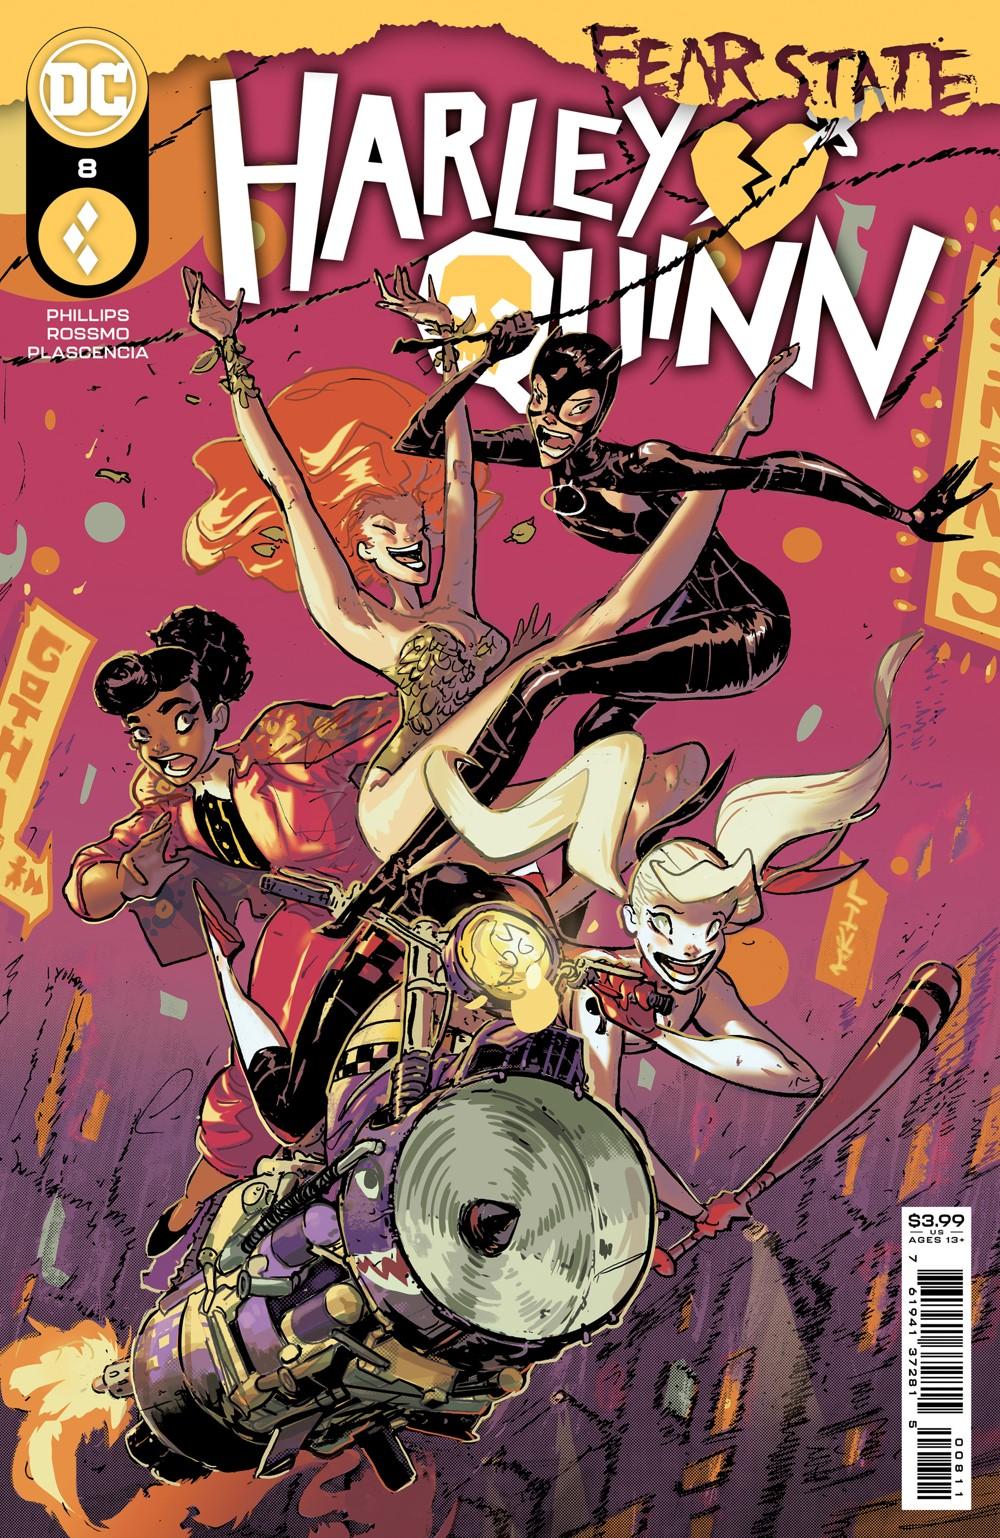 HQ_Cv8_00811 DC Comics October 2021 Solicitations